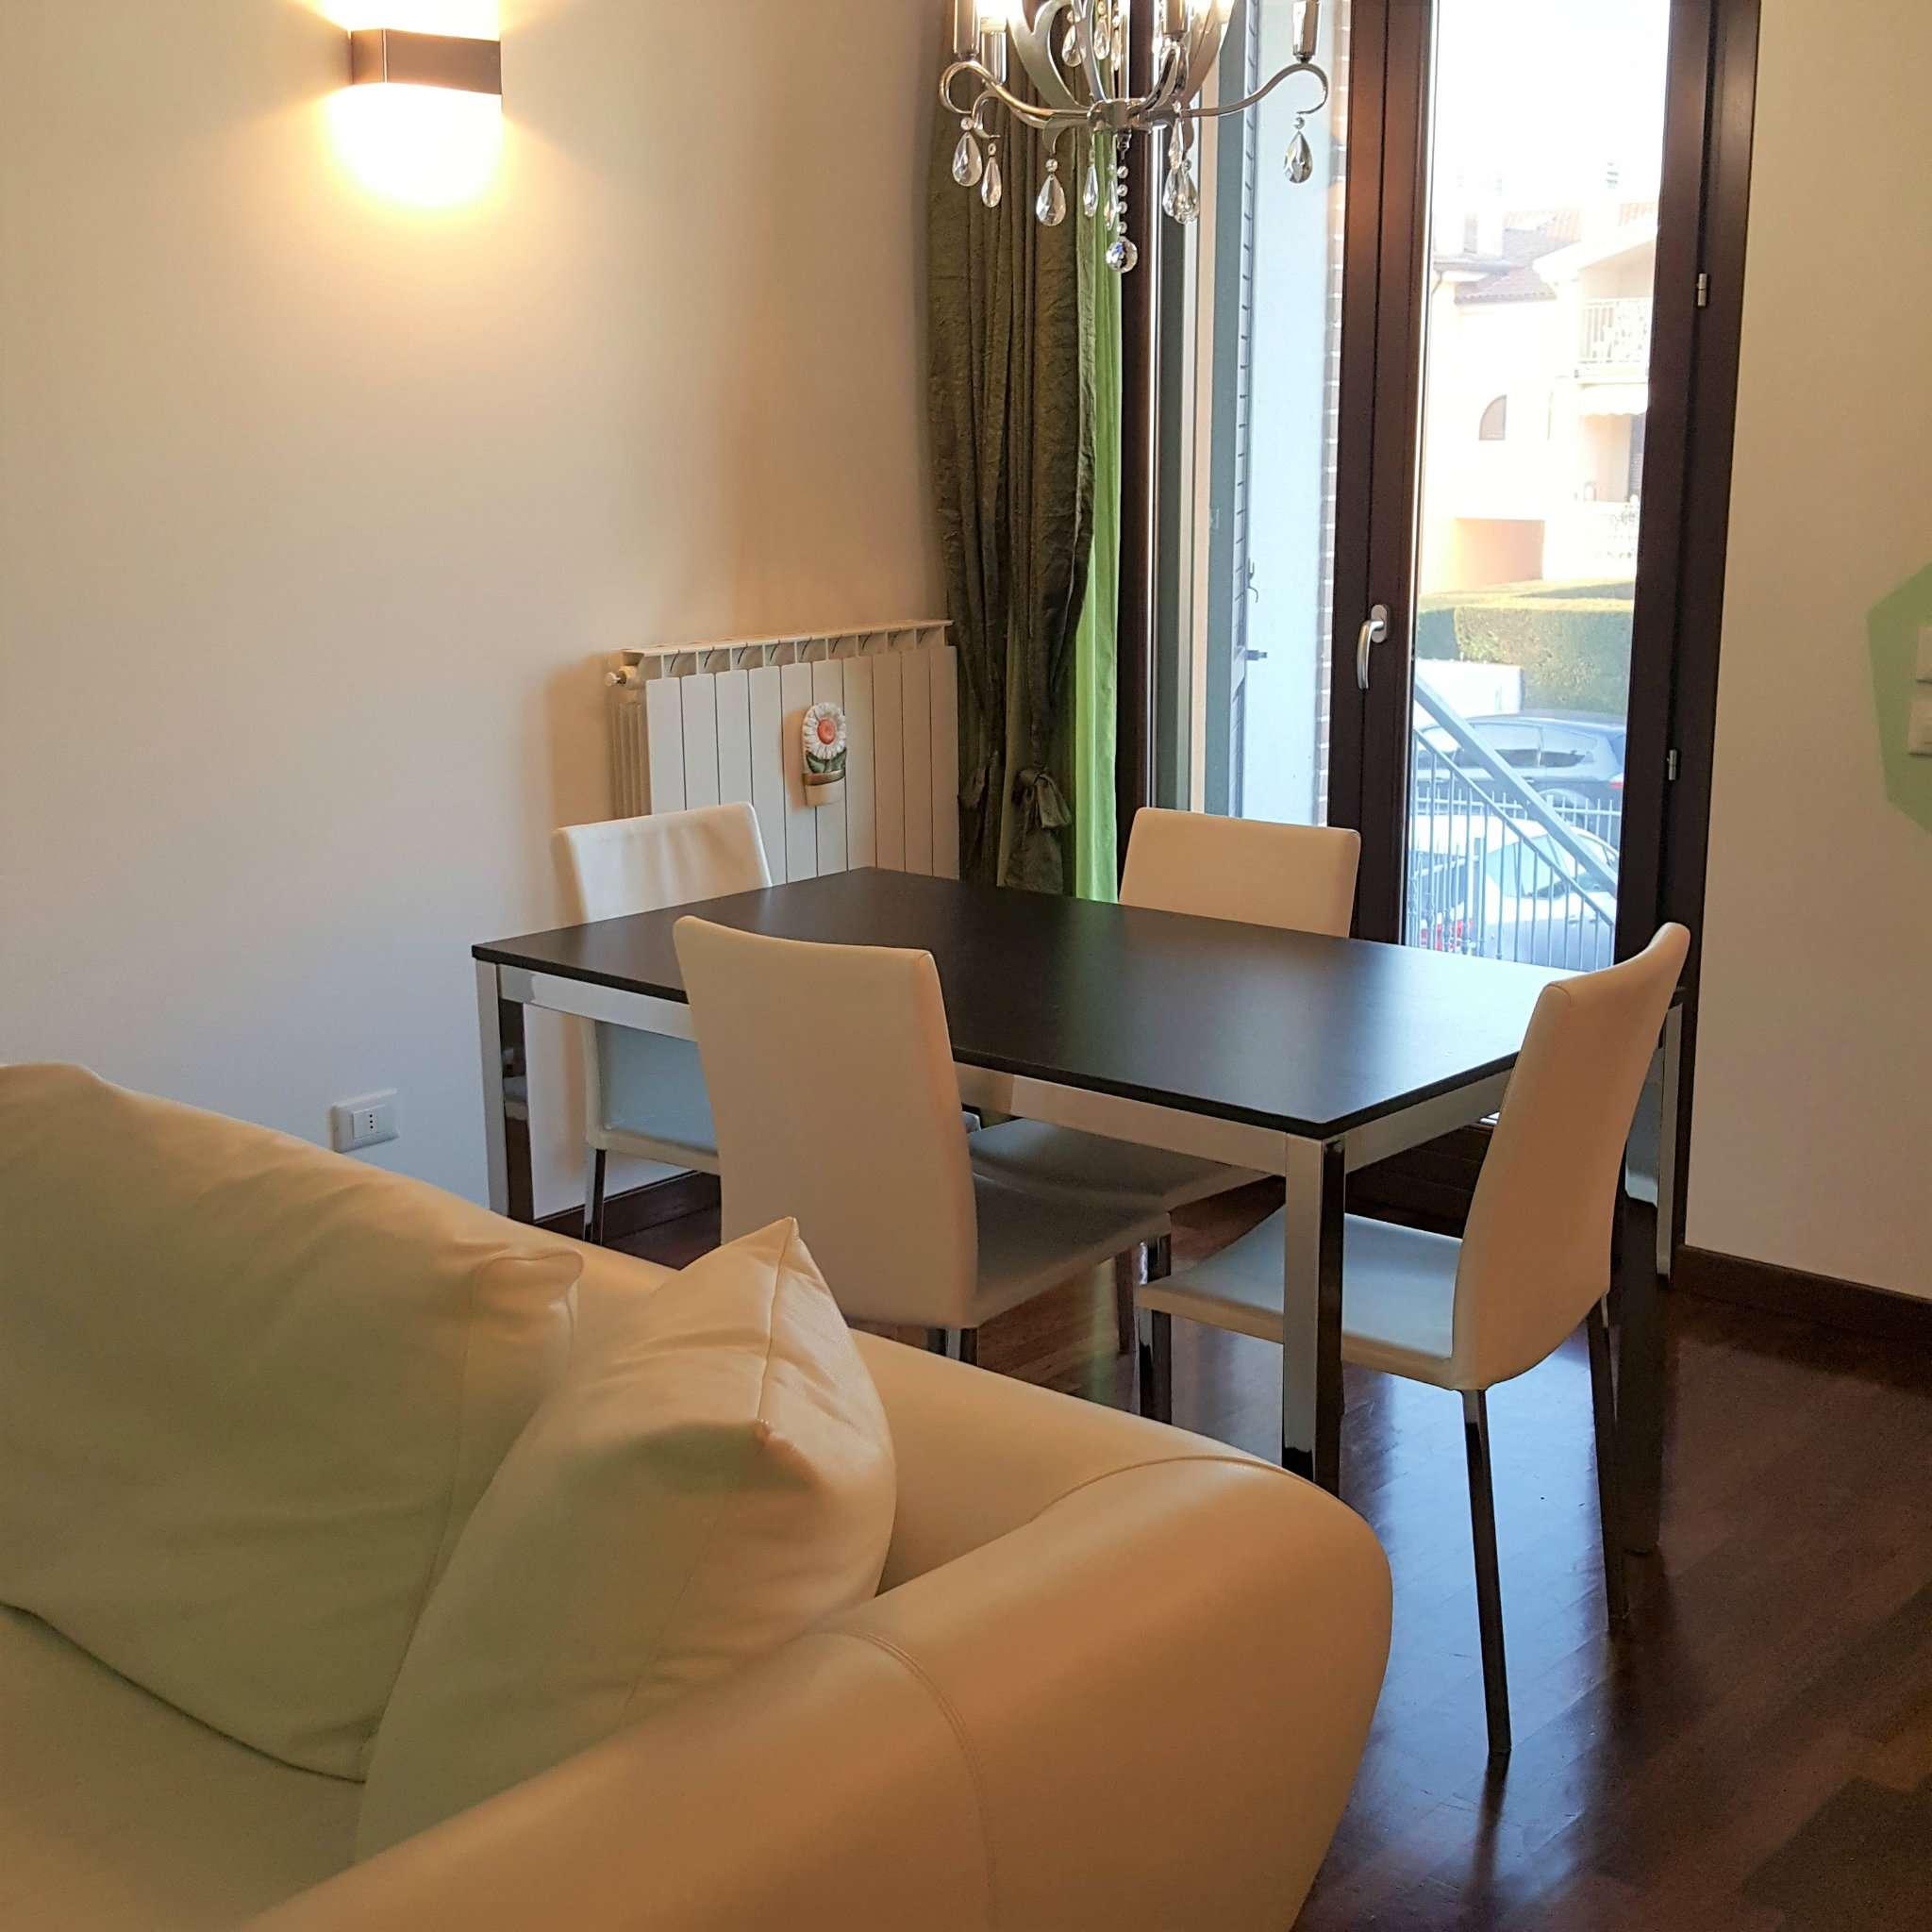 Appartamento in vendita a Osimo, 9999 locali, prezzo € 125.000 | PortaleAgenzieImmobiliari.it